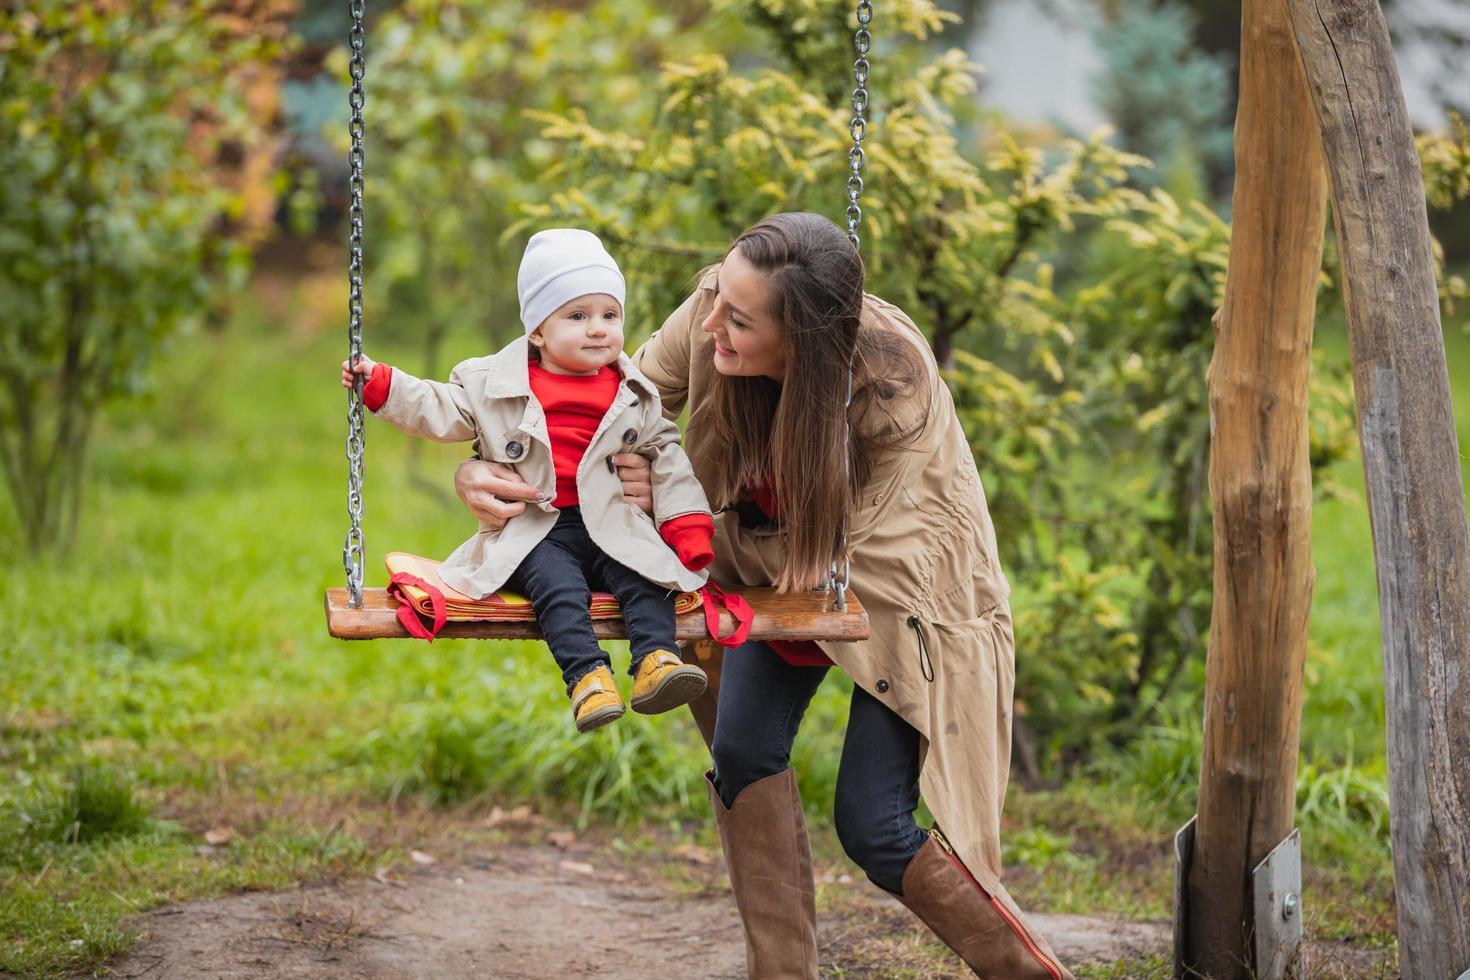 la mère secoue son bébé sur la balançoire au parc d'automne. famille heureuse passer du temps ensemble. photo